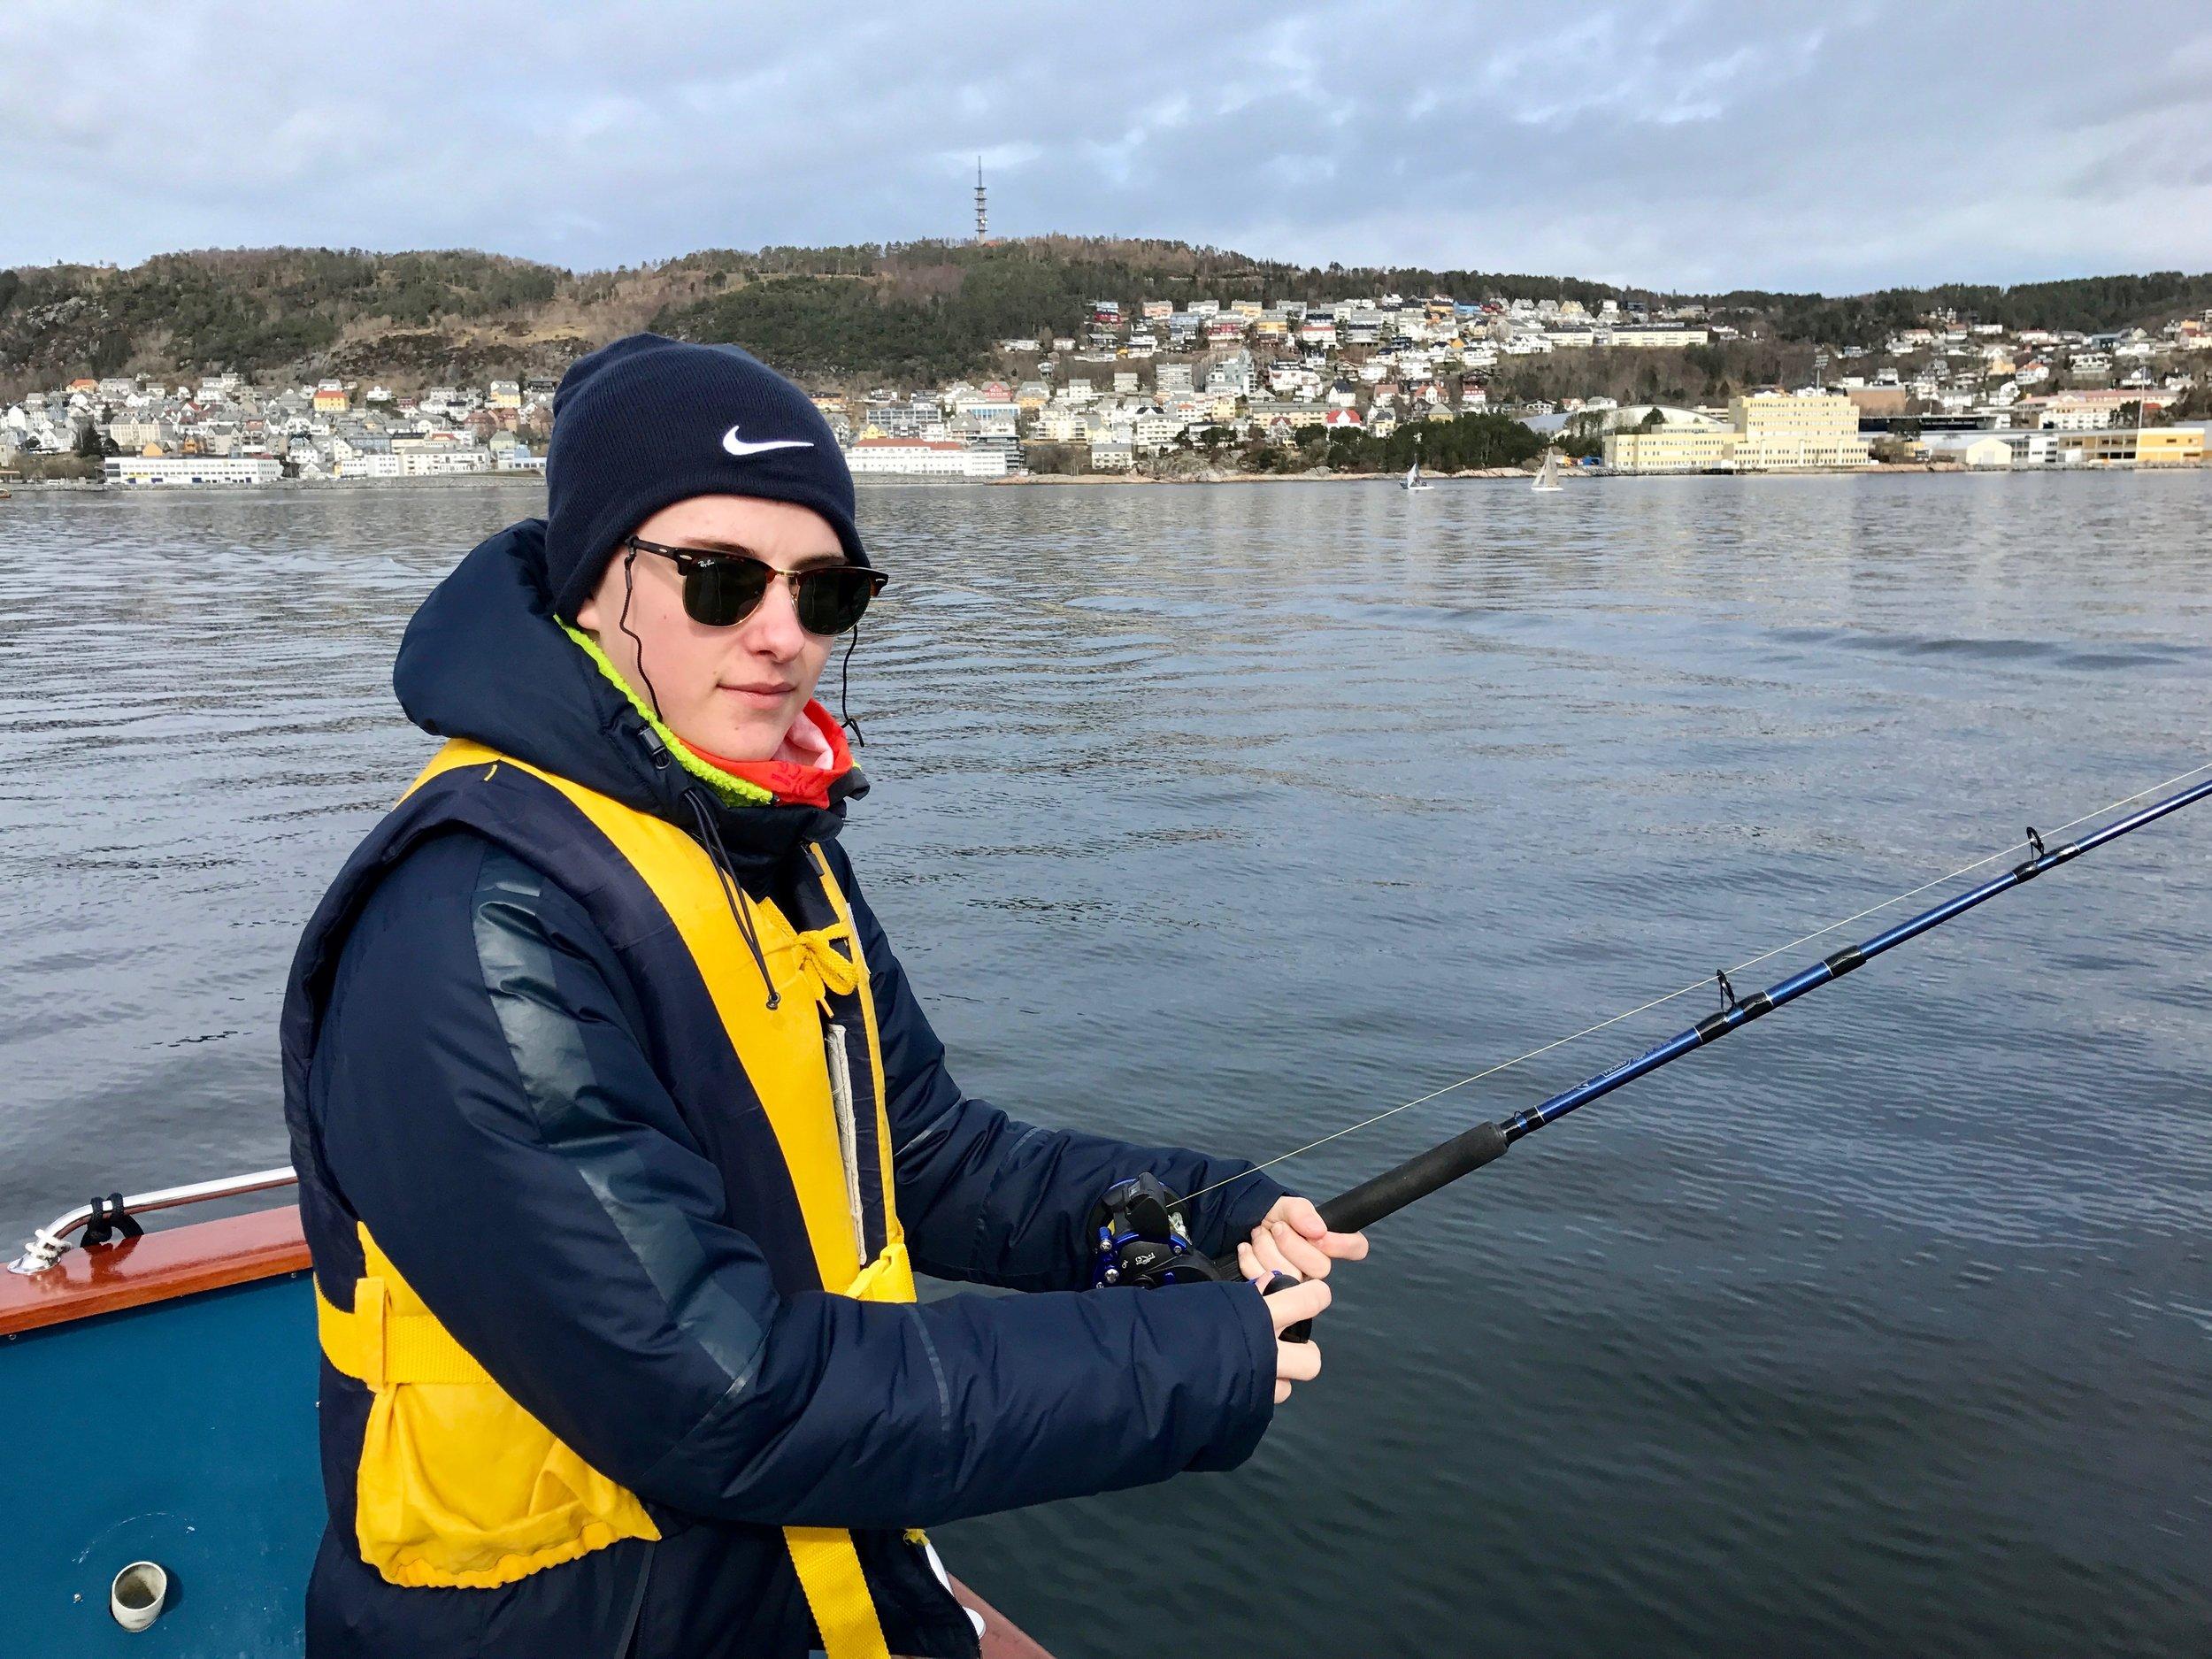 Ta turen ut på Borgundfjorden for å prøve fiskelykken.  Foto: Odd Roar Lange